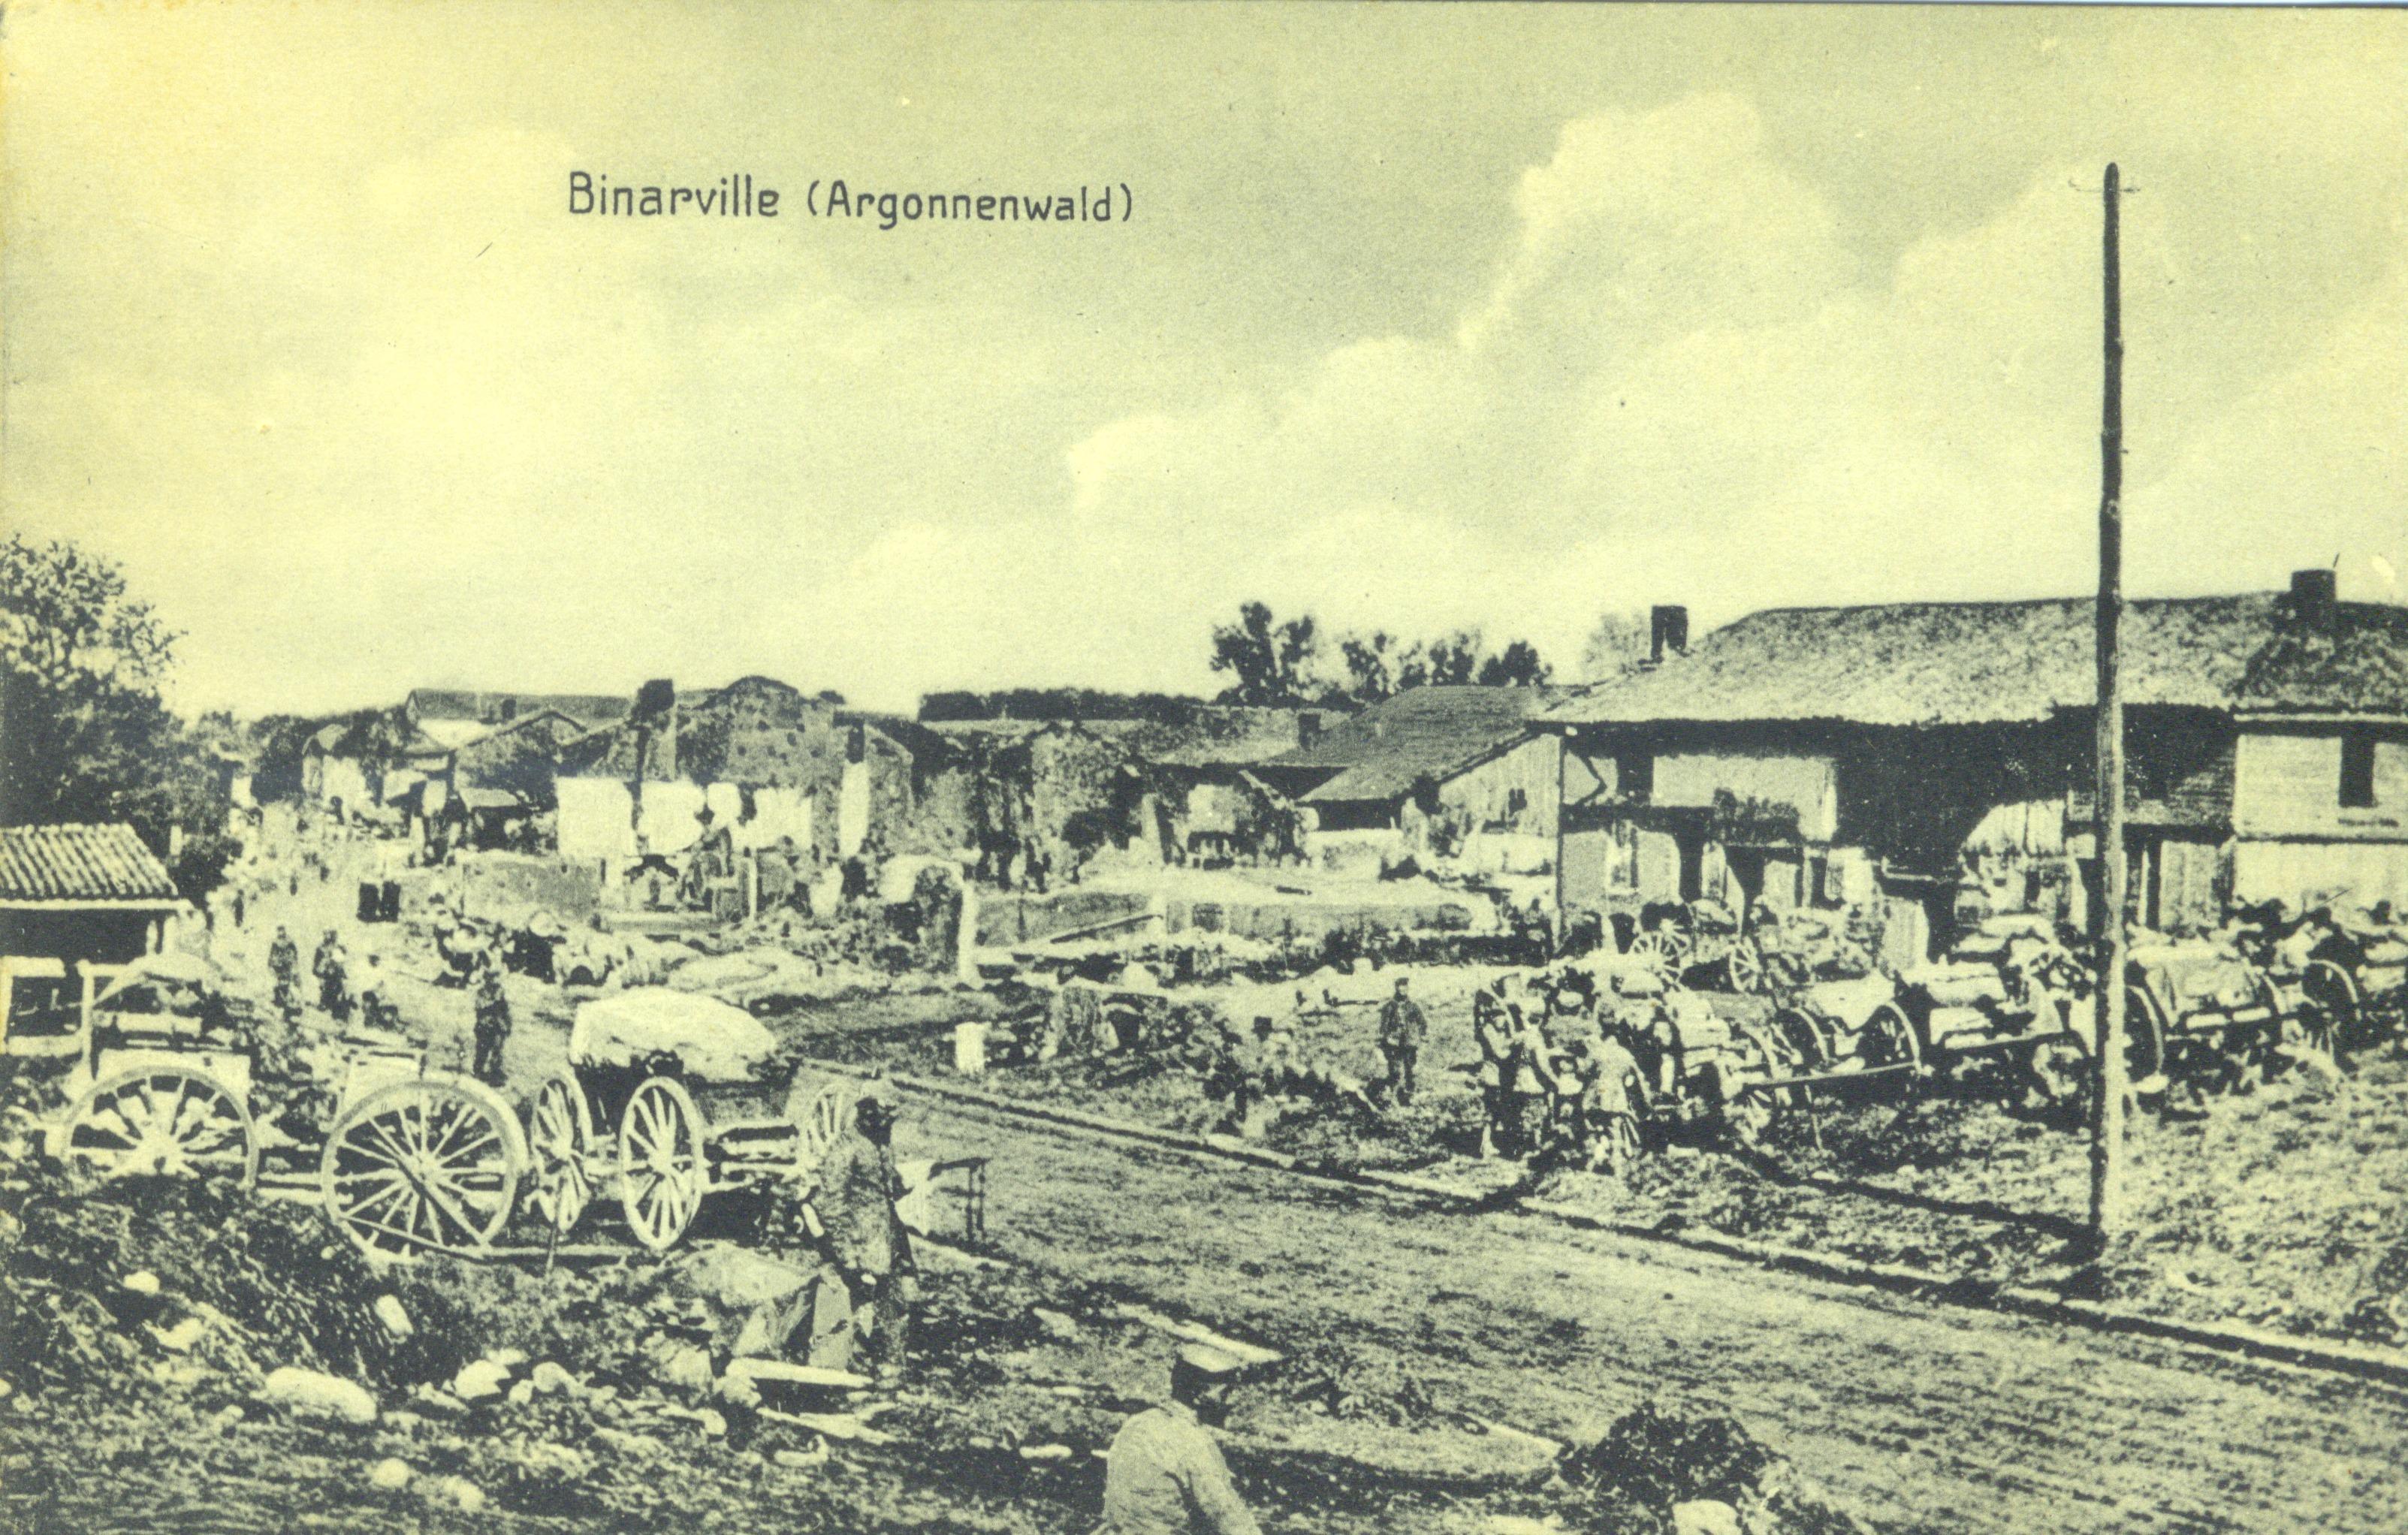 Binarville